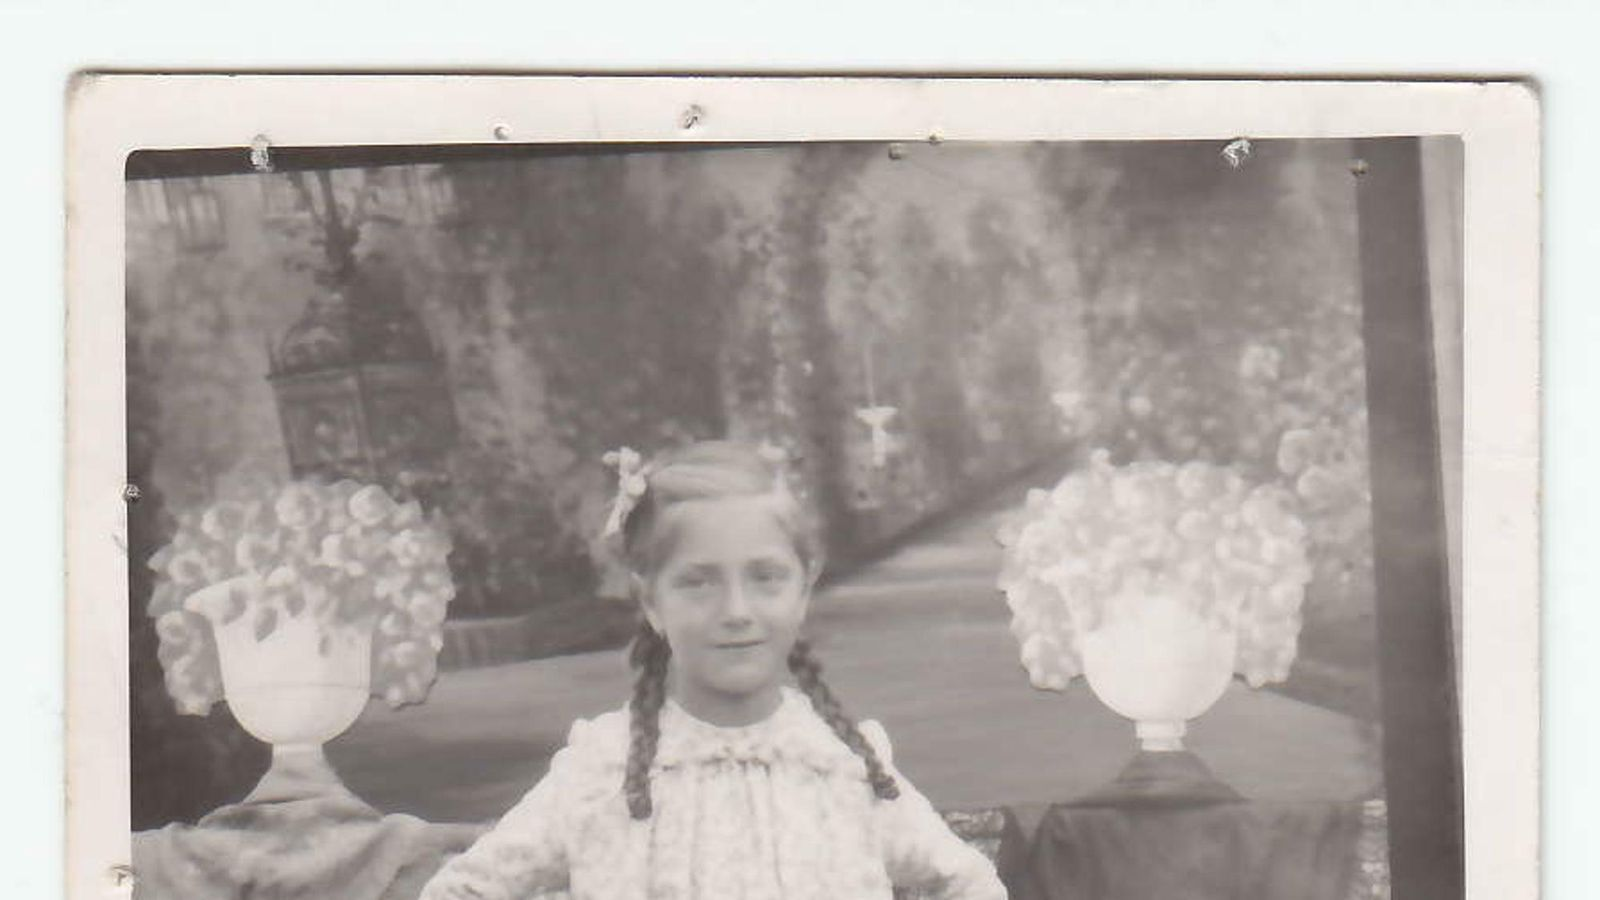 Història d'una fotografia rescatada dels camps nazis